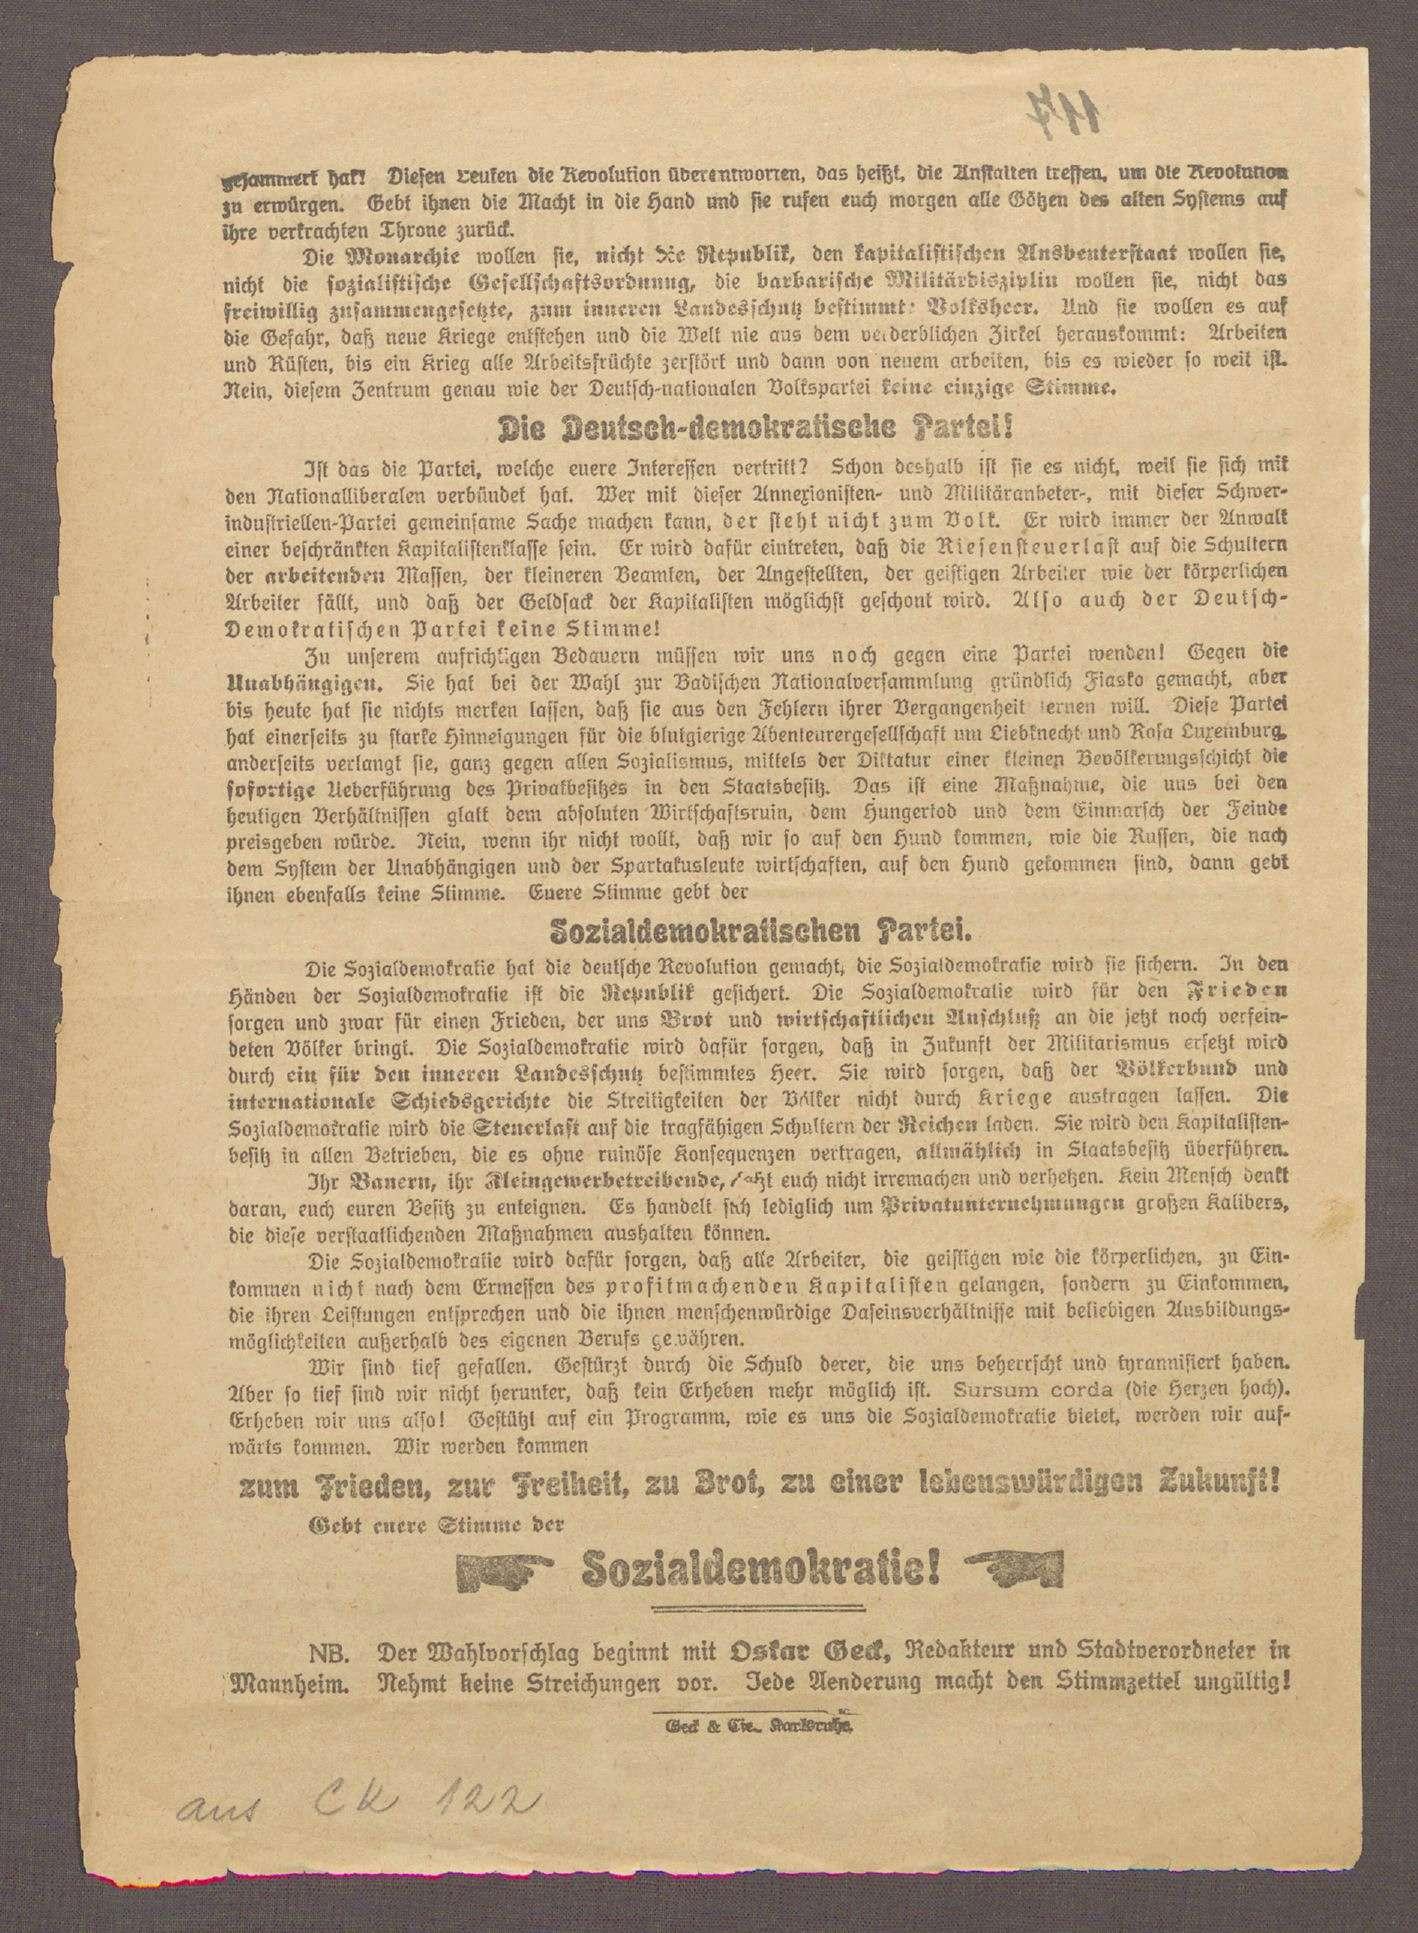 """""""Deutsche Bürgerinnen und Bürger!"""": Flugblatt der SPD und ihres Spitzenkandidaten Oskar Geck, Bild 2"""